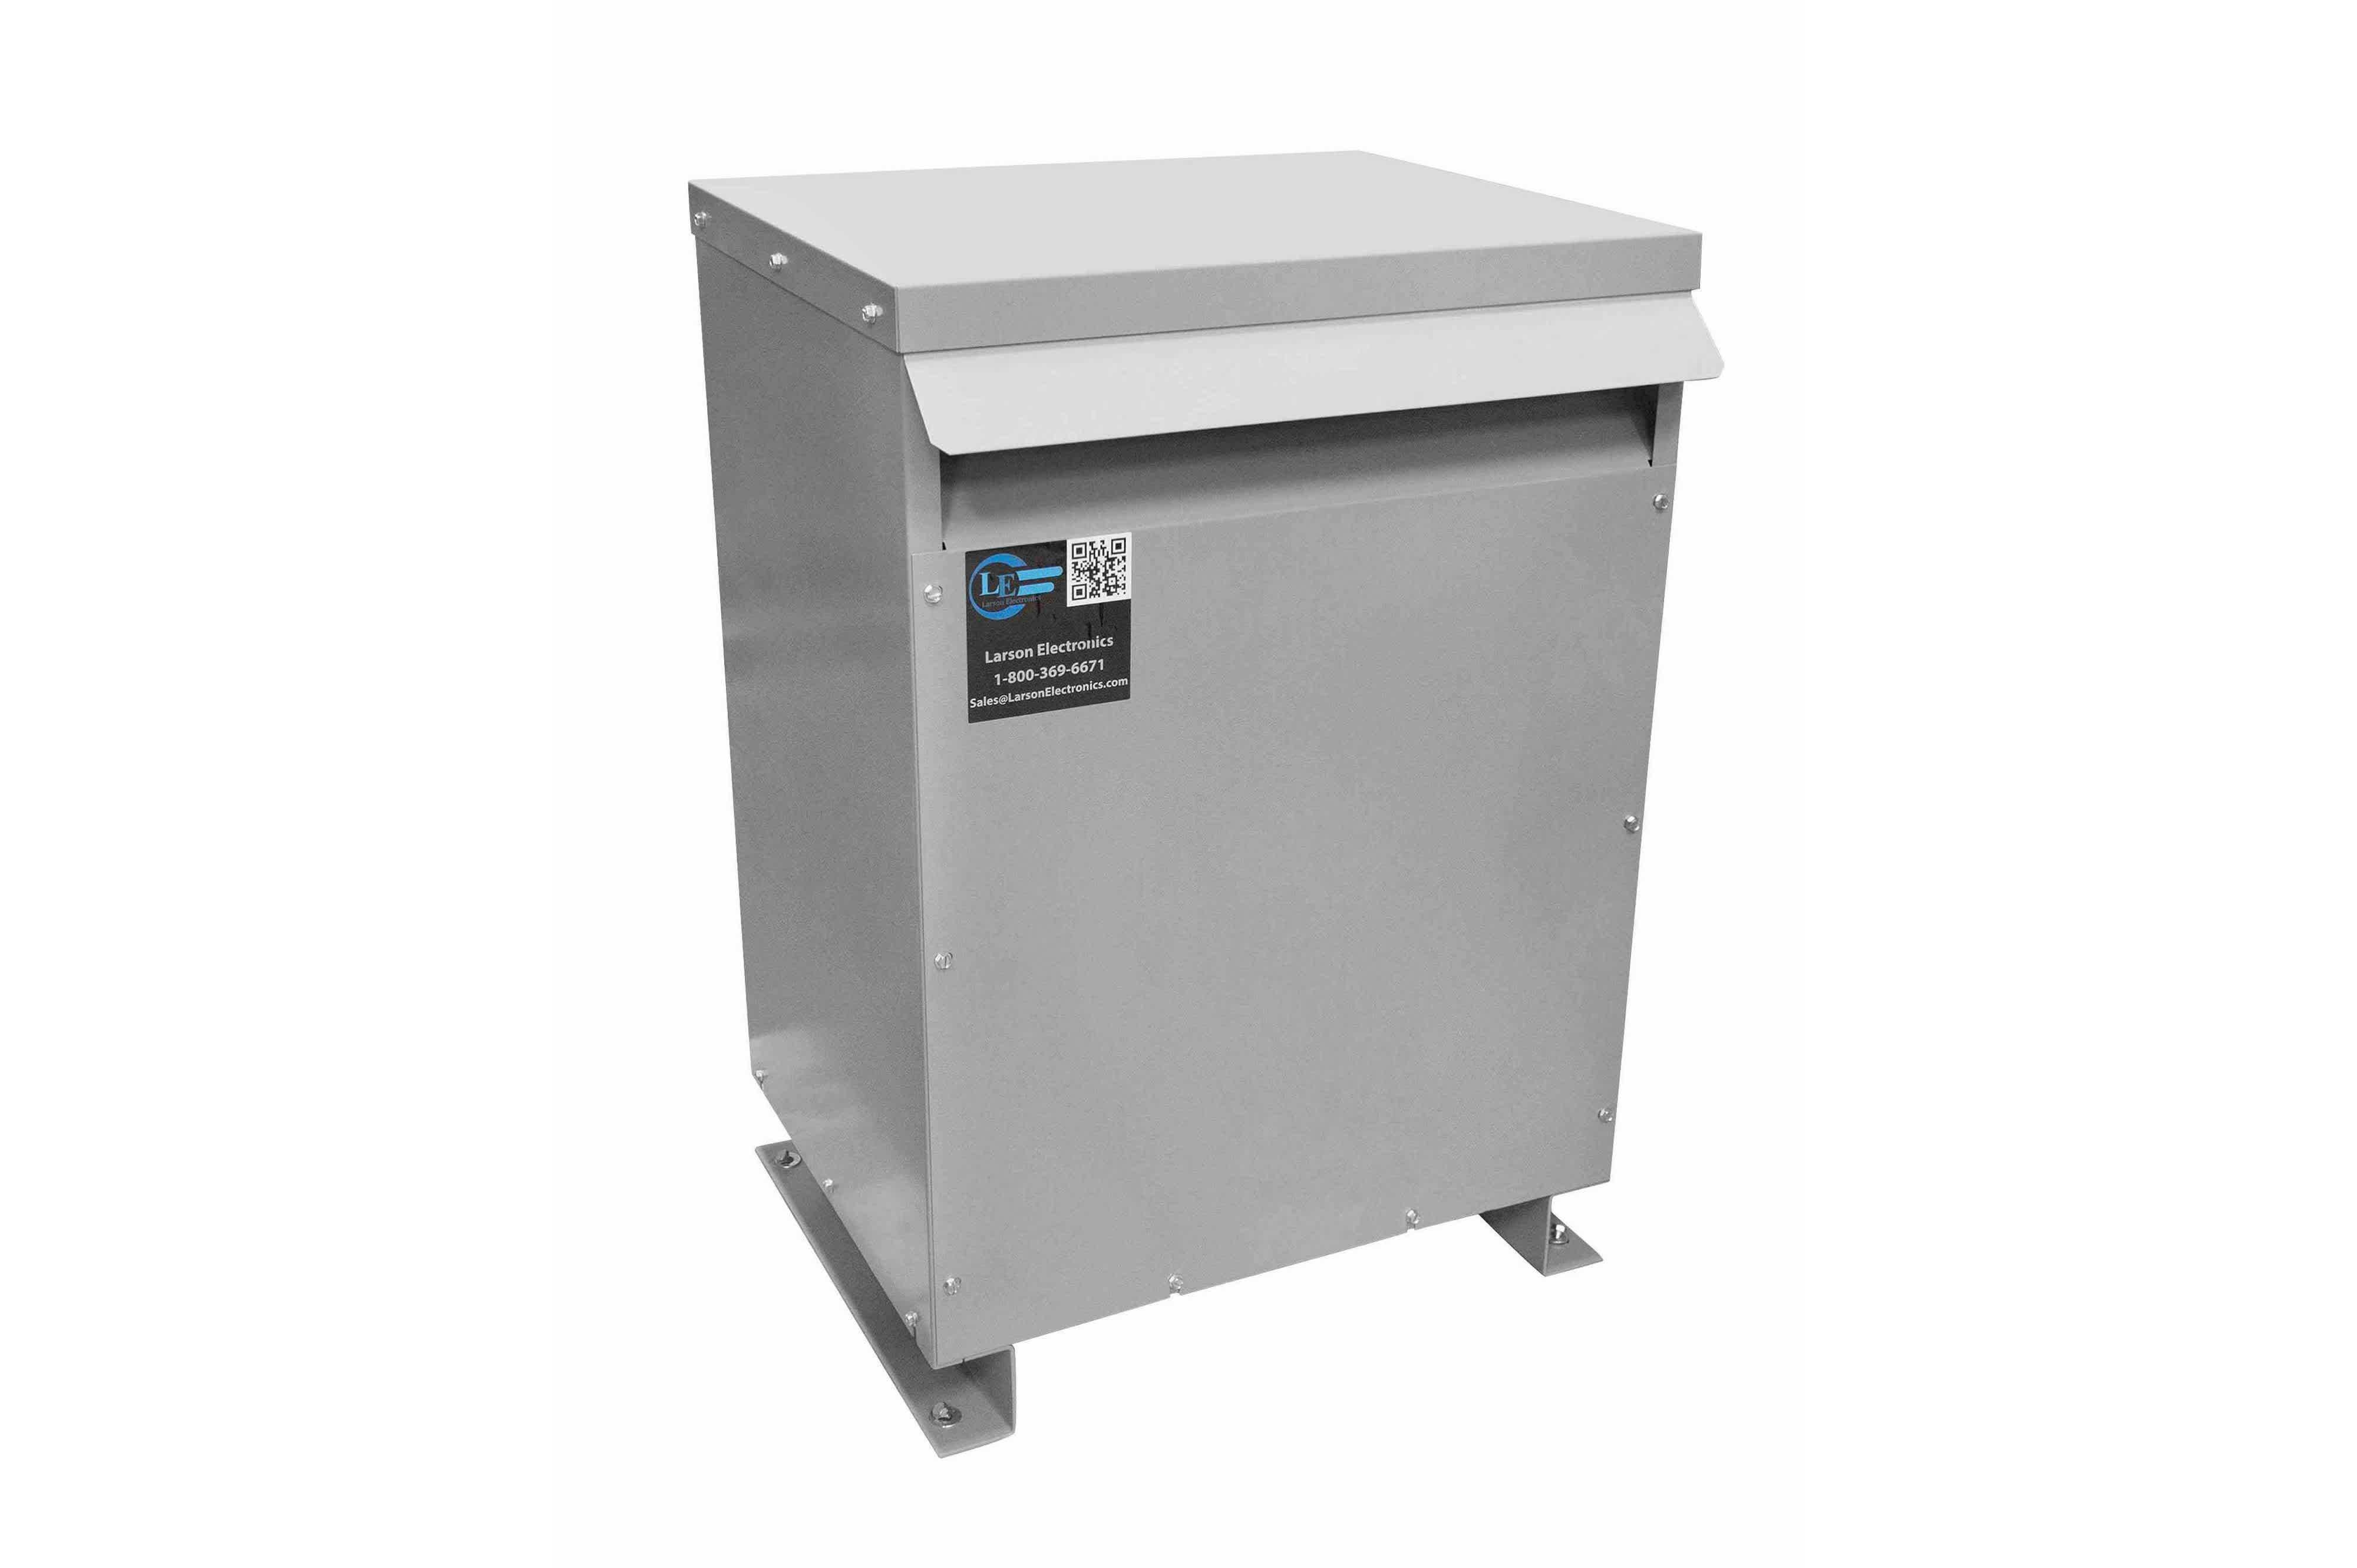 22.5 kVA 3PH Isolation Transformer, 460V Delta Primary, 575V Delta Secondary, N3R, Ventilated, 60 Hz